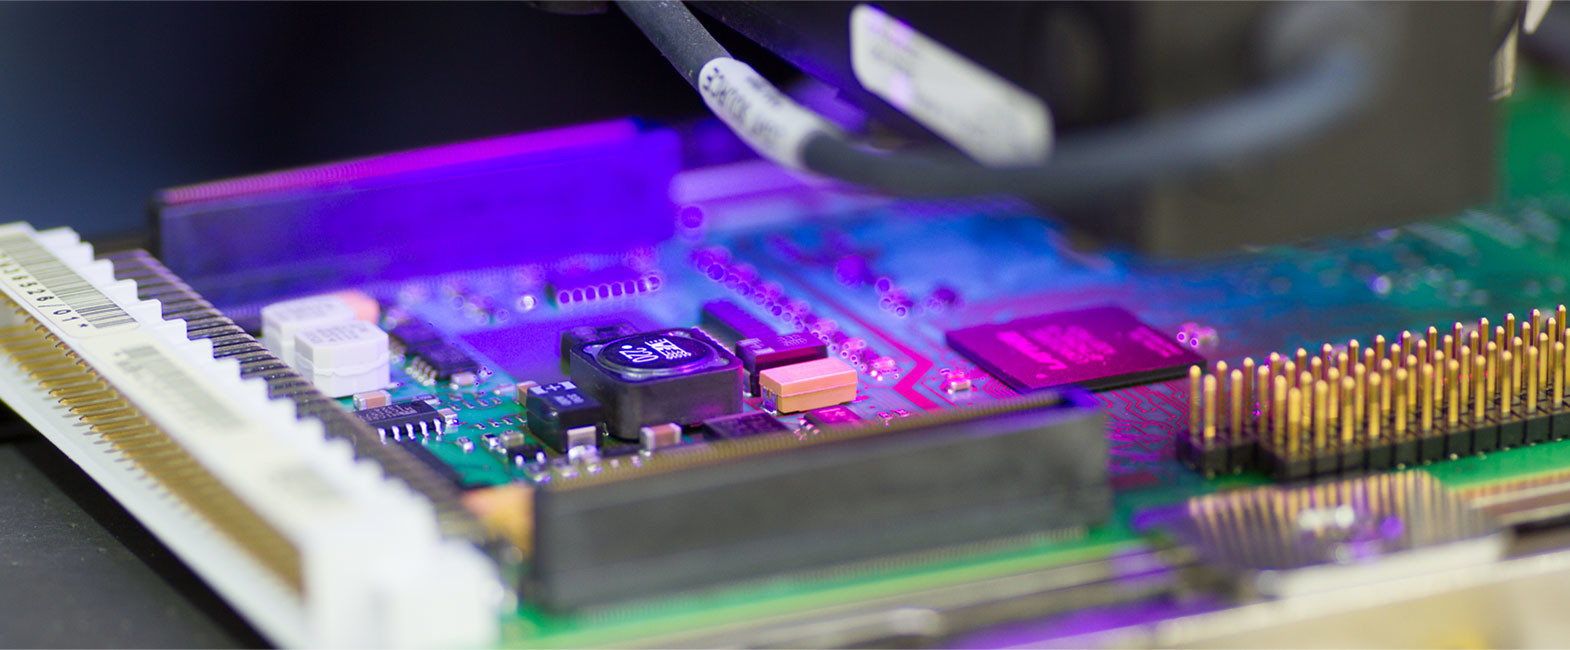 MB Elettronica – Planung und Industrialisierung